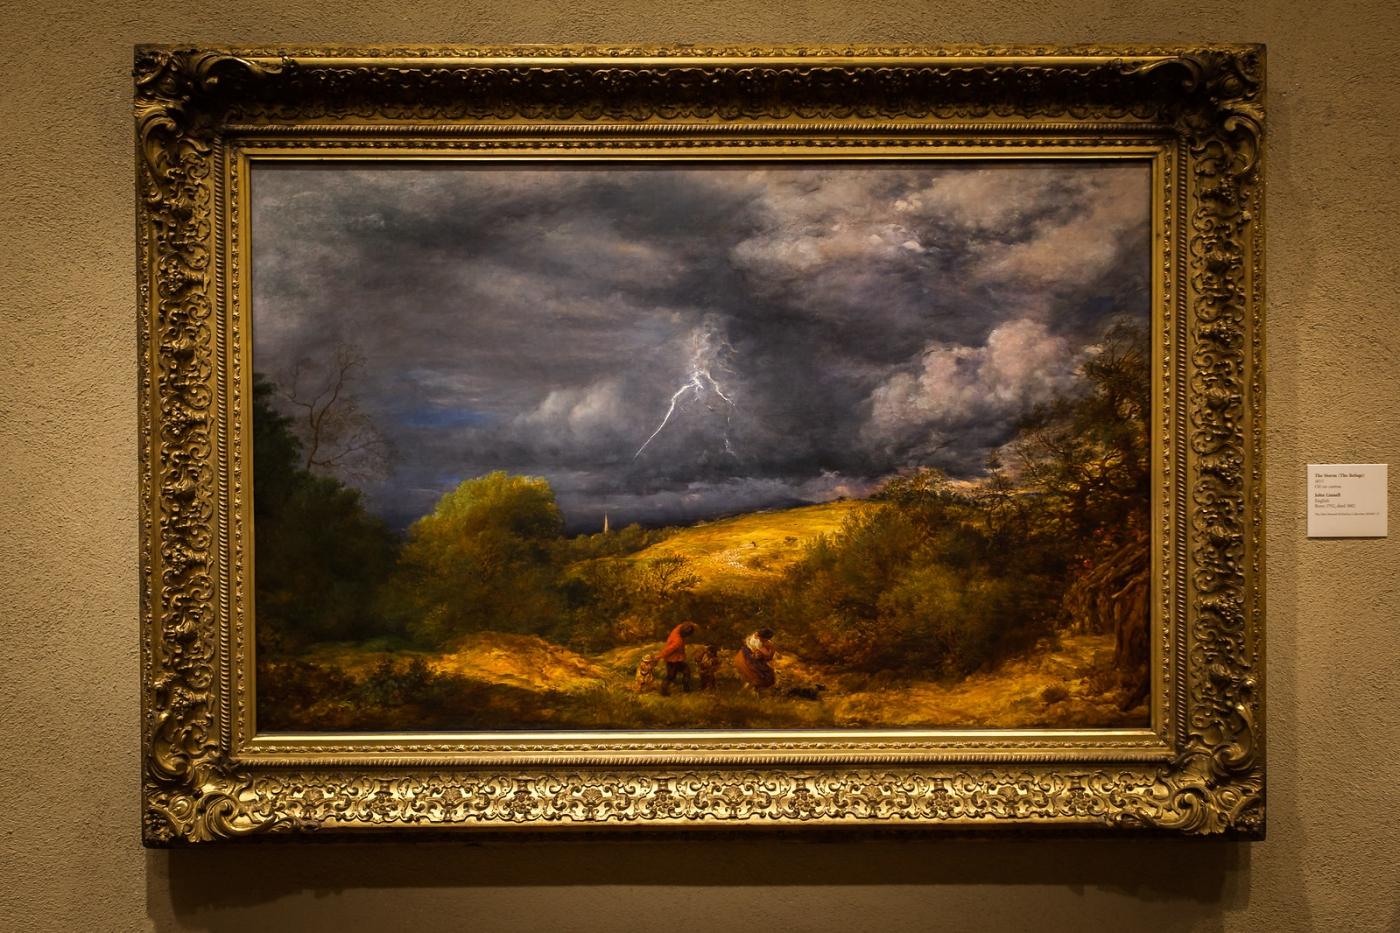 费城艺术馆,那些馆藏稀世油画_图1-3